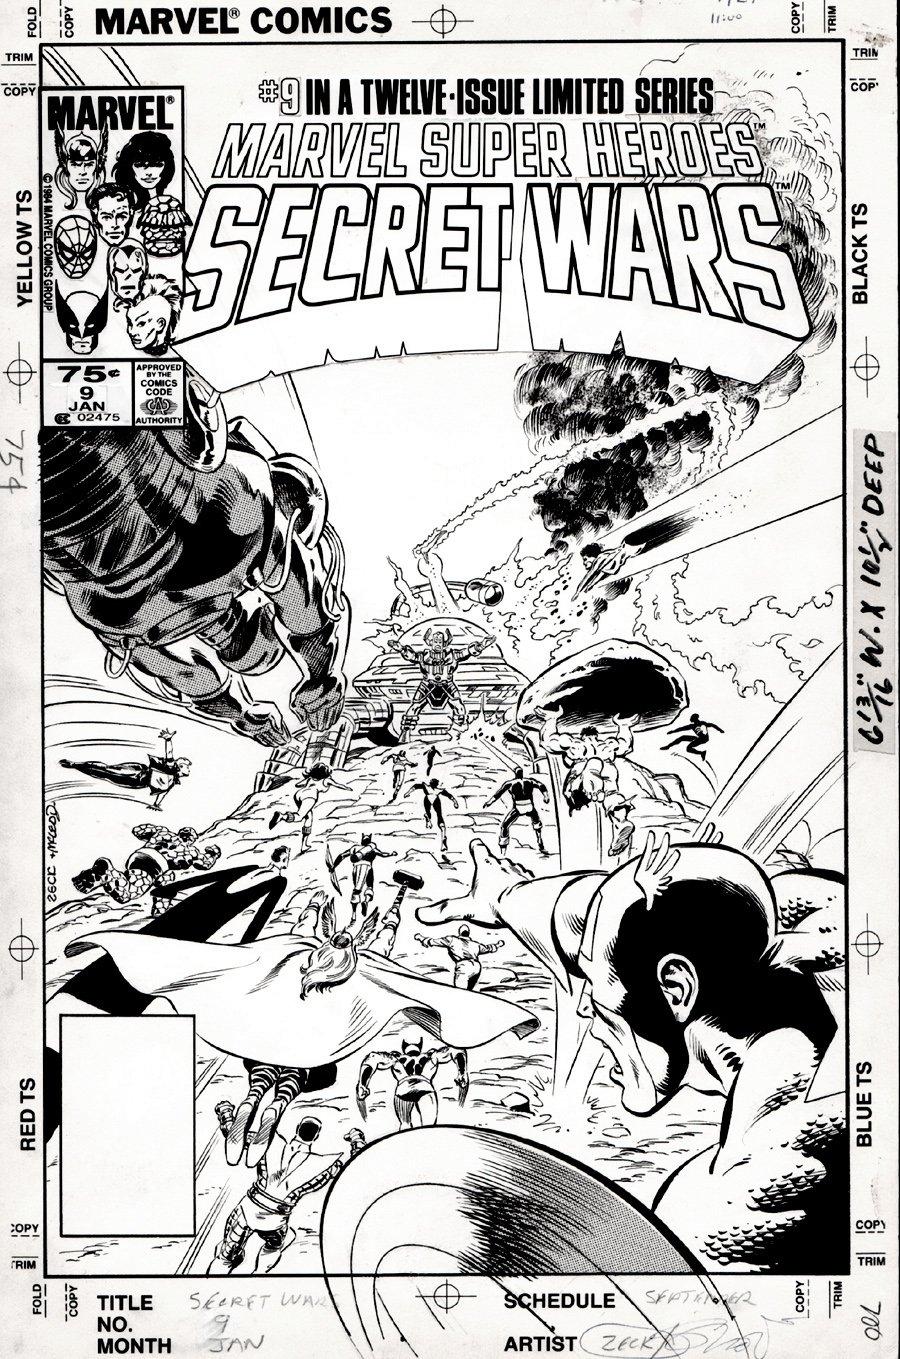 Marvel Super-Heroes Secret Wars #9 Cover (1984) SOLD SOLD SOLD!